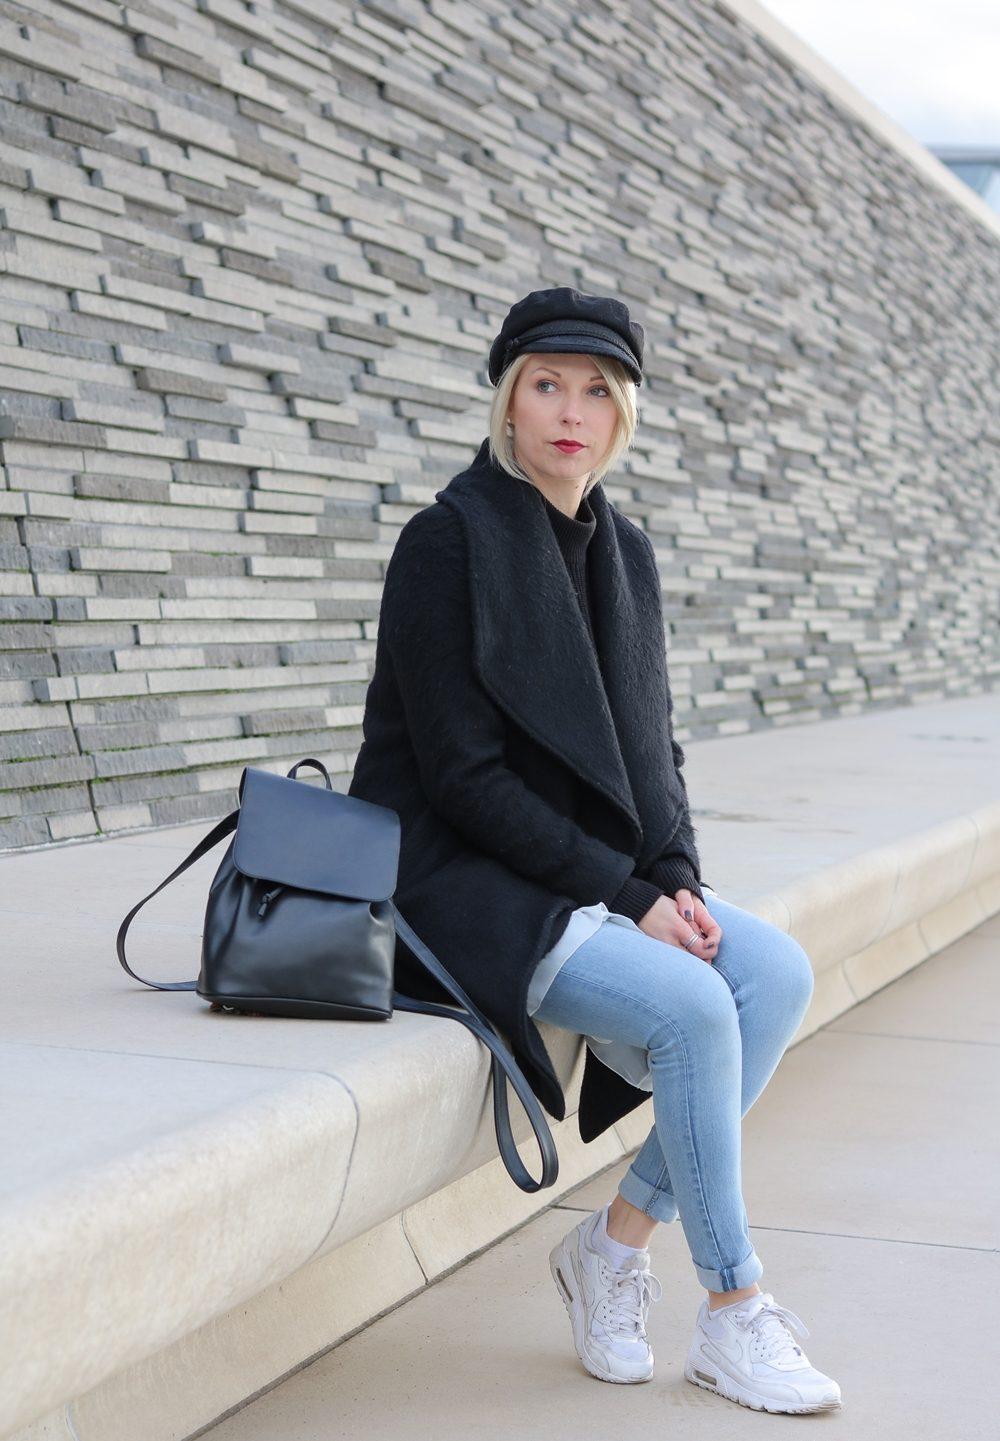 modeblogger-karlsruhe-outfit-herbst-kleid-vero-moda-rostrot-schwarzer-mantel-overknees-hut-6-von-29